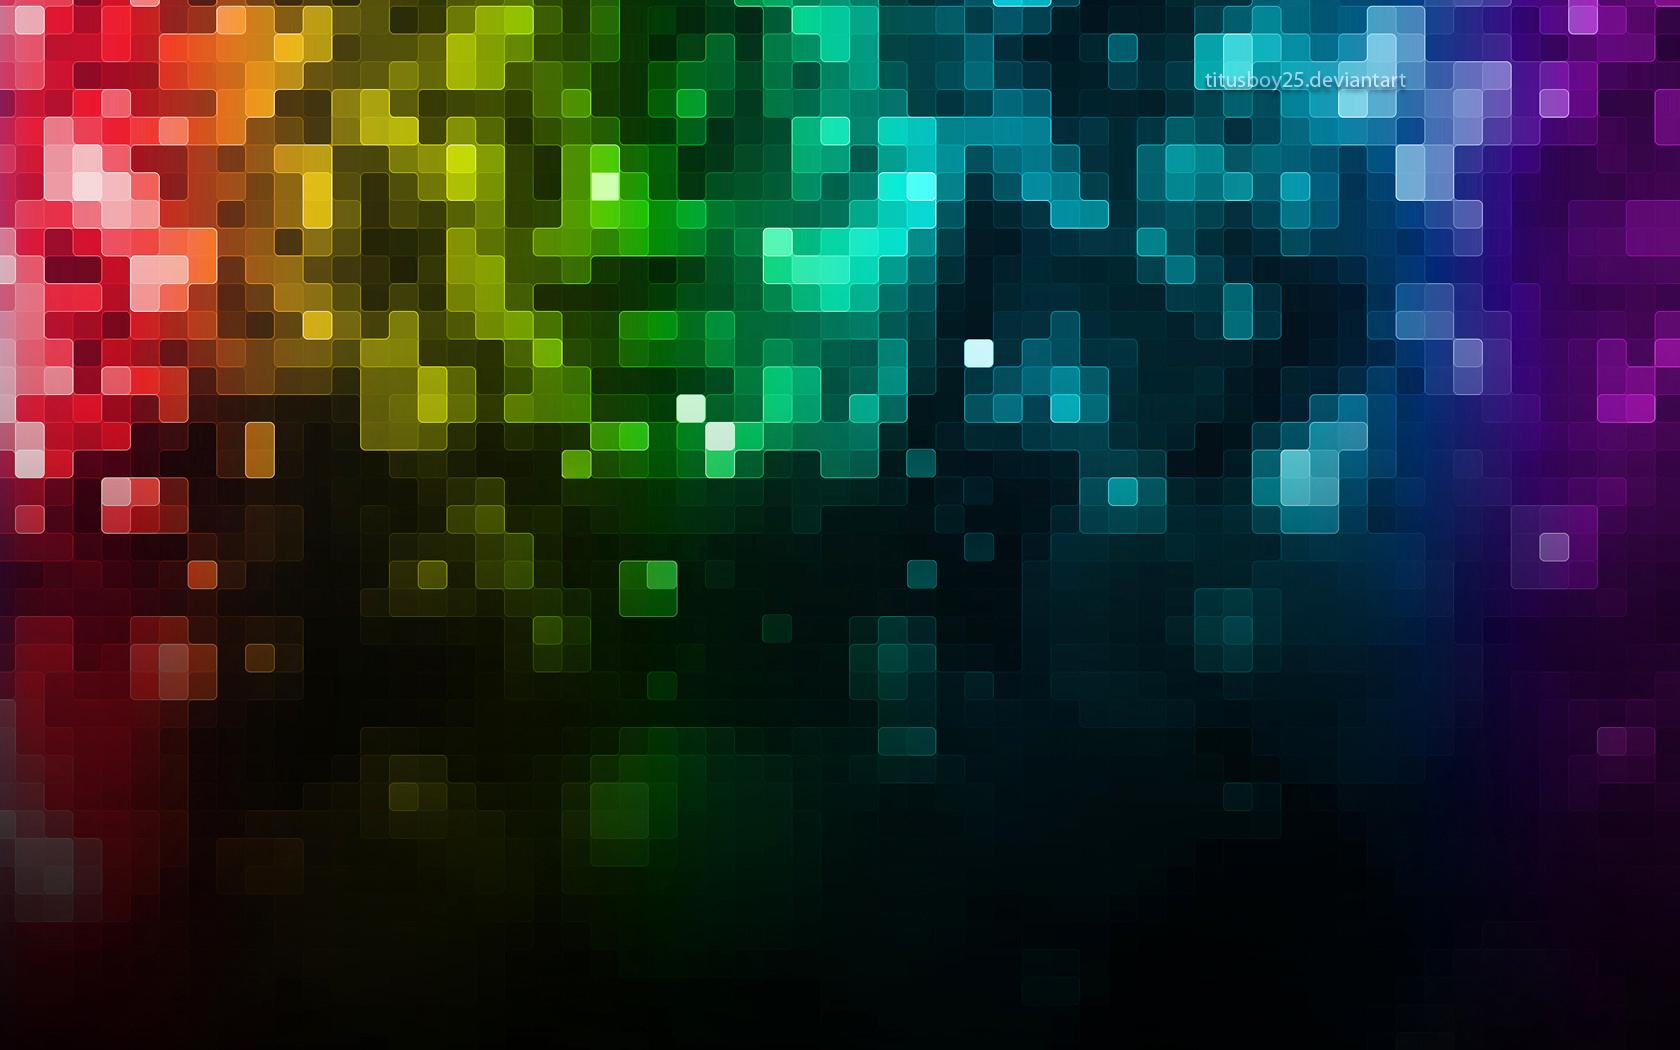 обои для рабочего стола, пиксели радуги, радуга, скачать фото